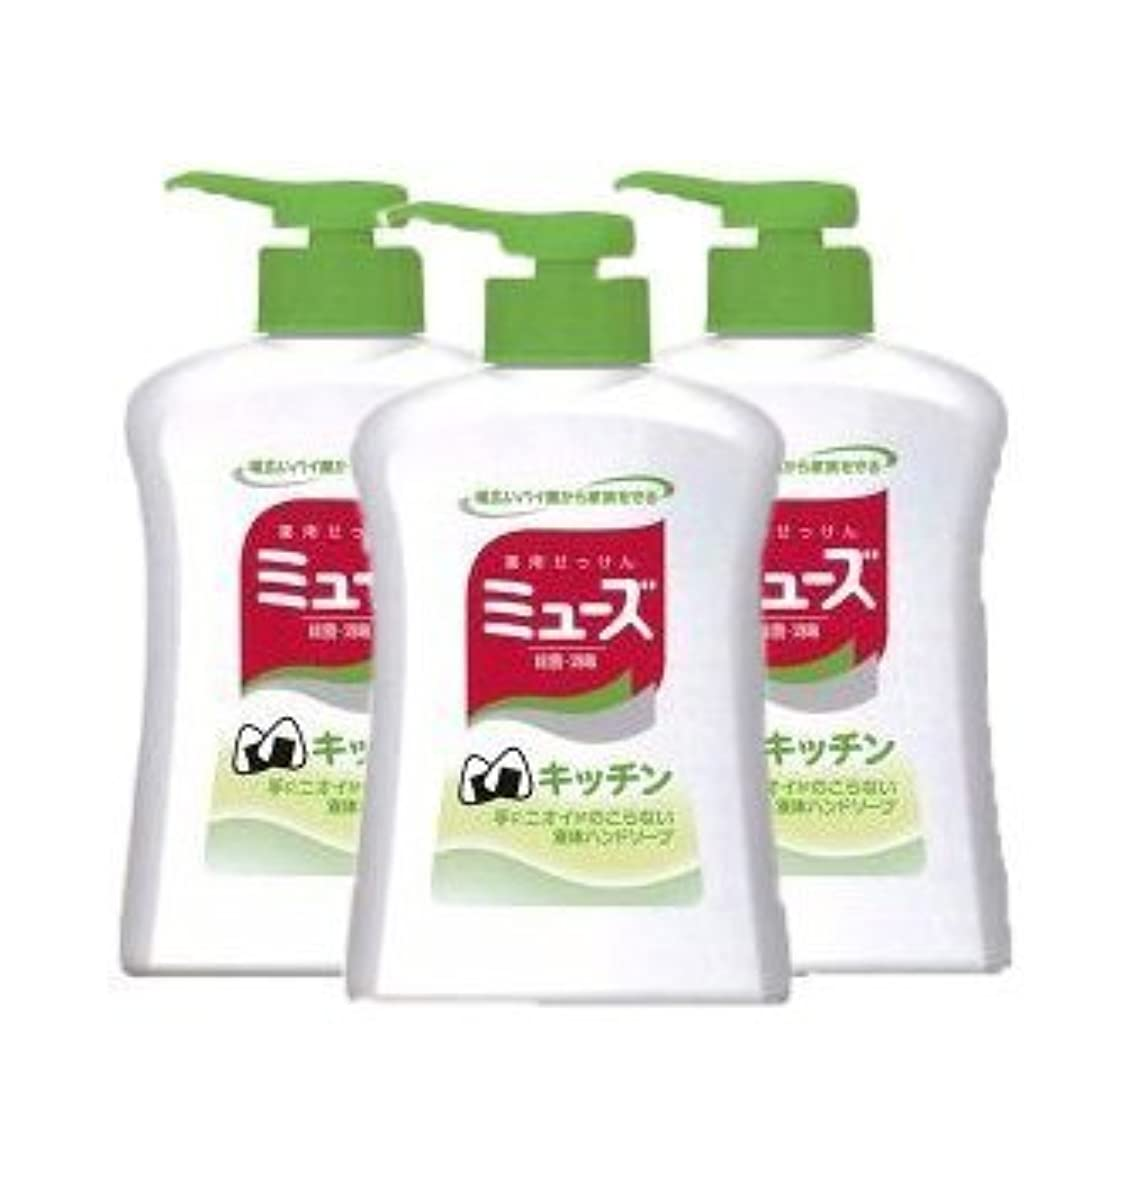 軽嫌いのヒープ【アース製薬】アース 新キッチンミューズ 250ml ×3個セット